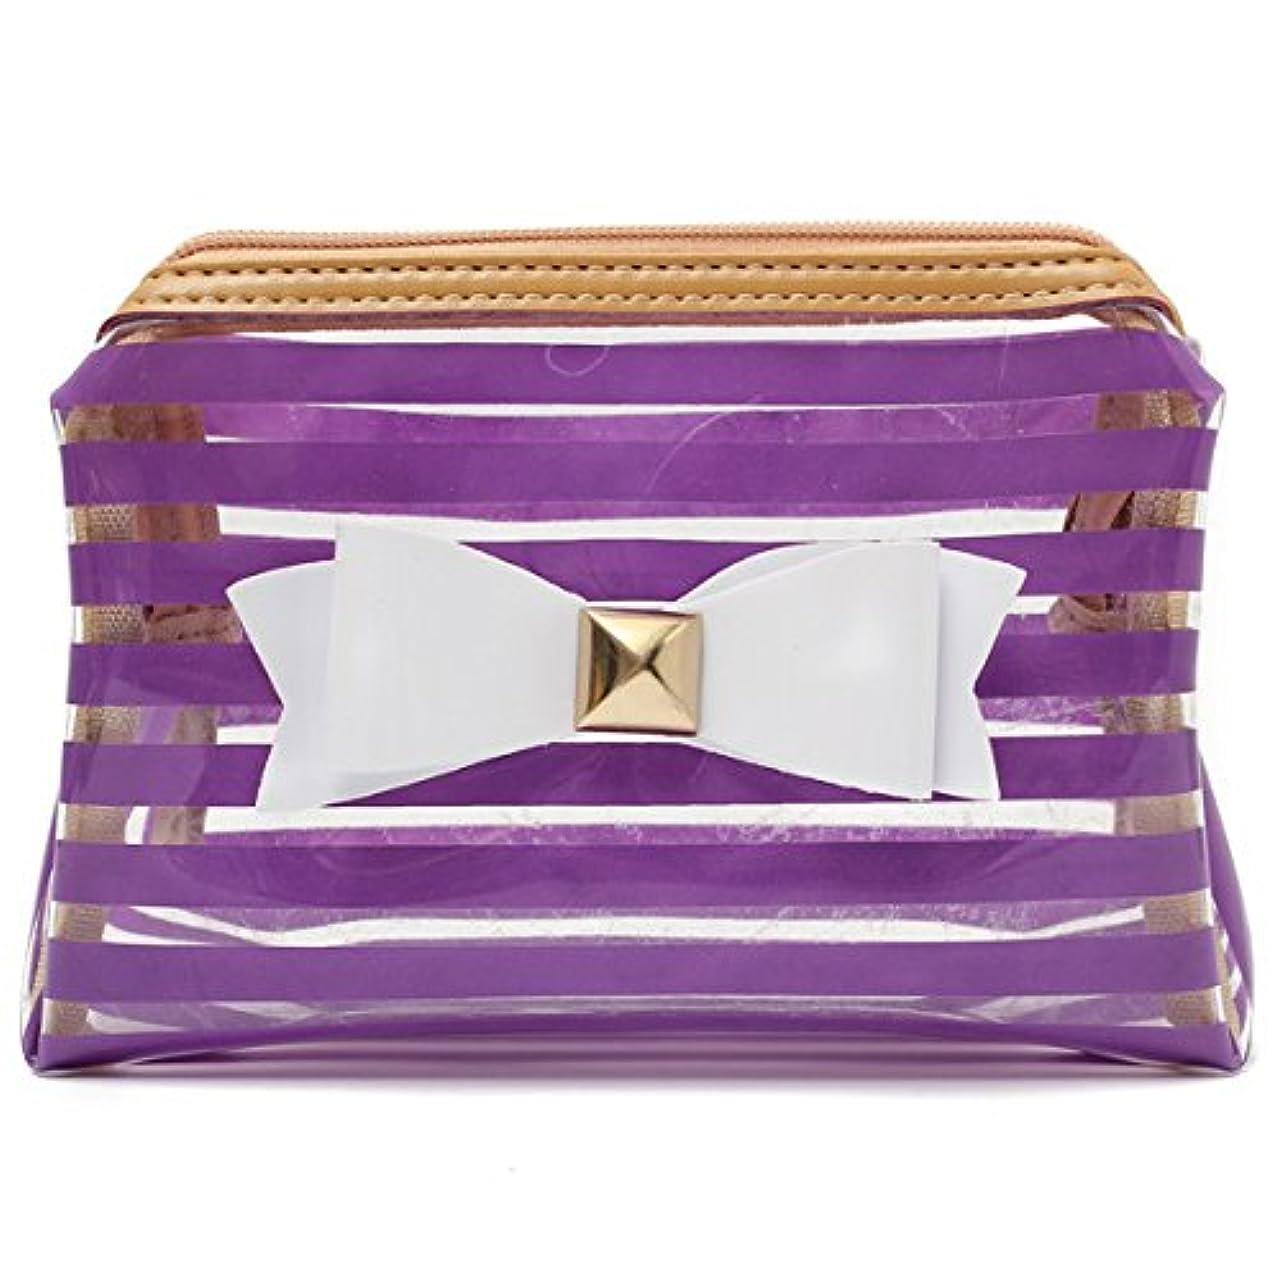 スイッチスカーフ先史時代のGUQQRZCT ストライプ透明な化粧品のバッグ旅行PVCボウタイはオーガナイザーケースを作る (Color : Color Purple Hippo)